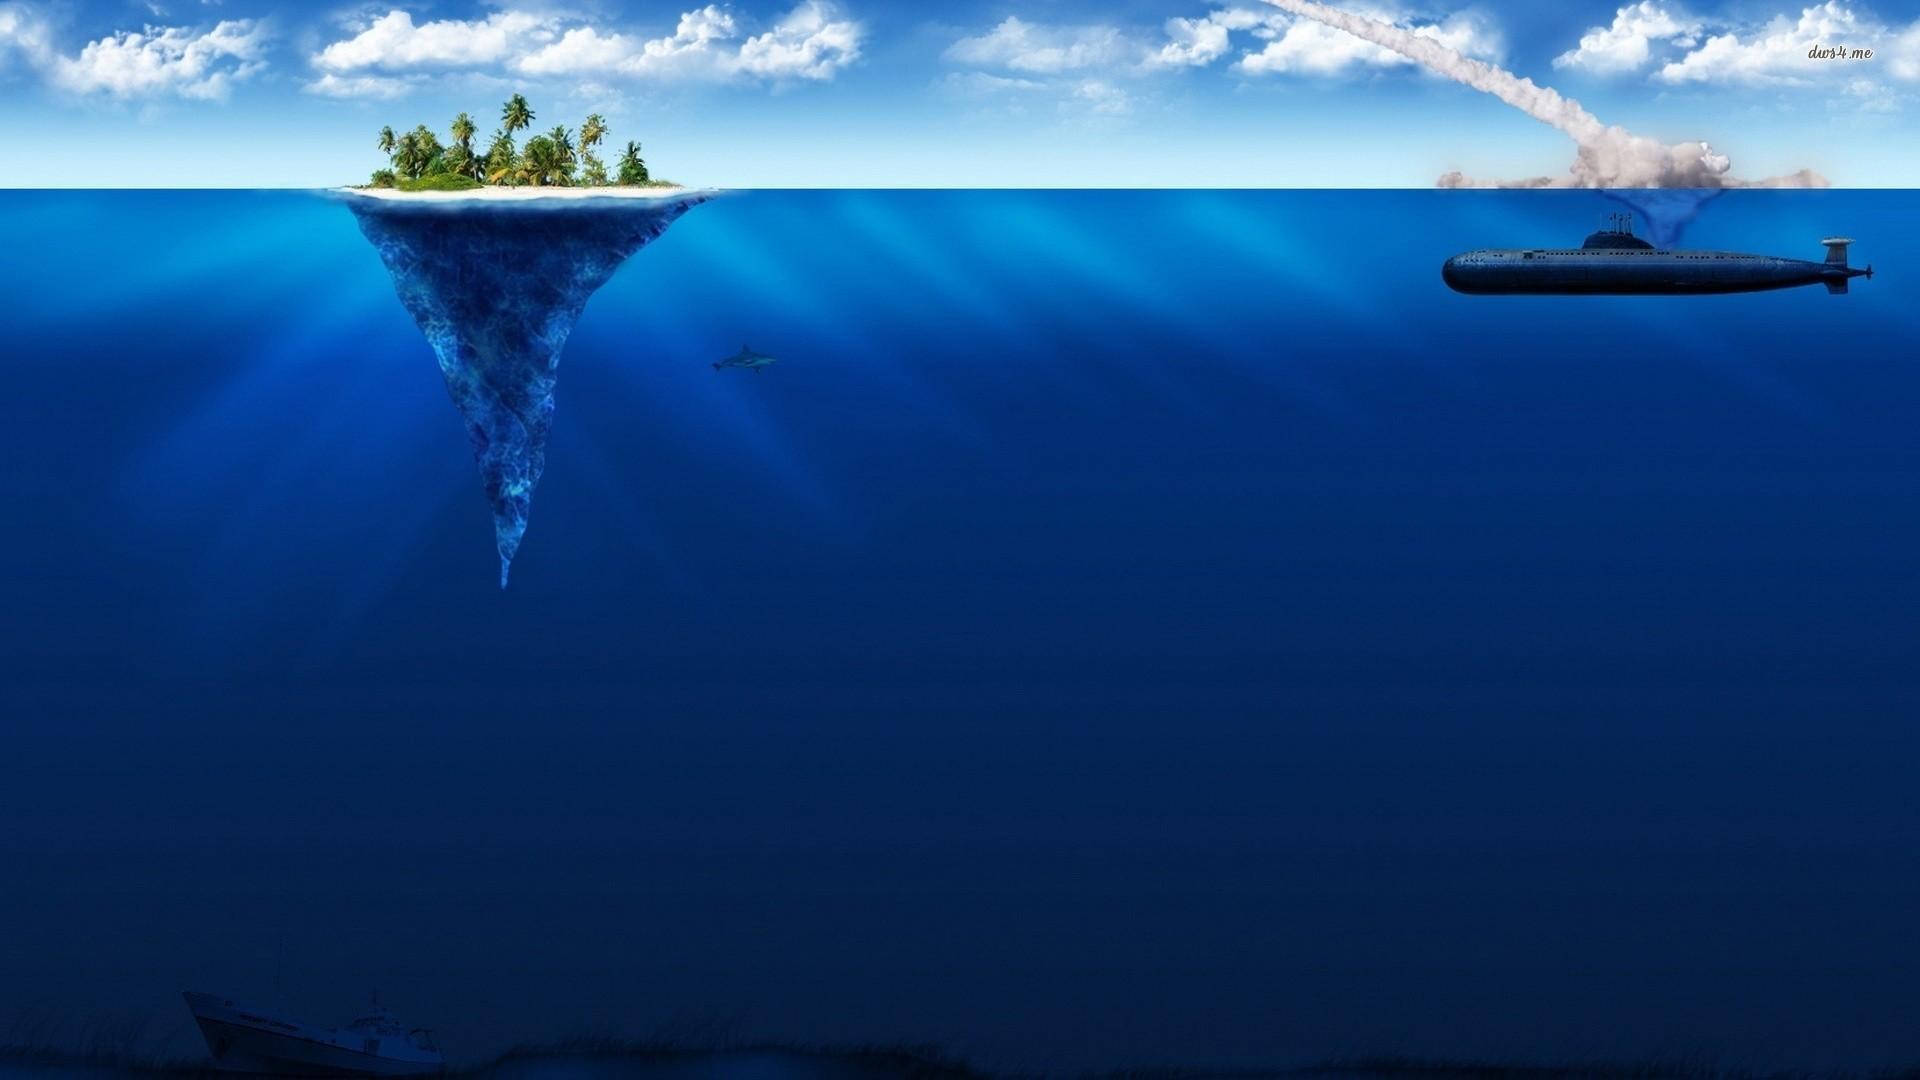 3397 Underwater Wallpaper